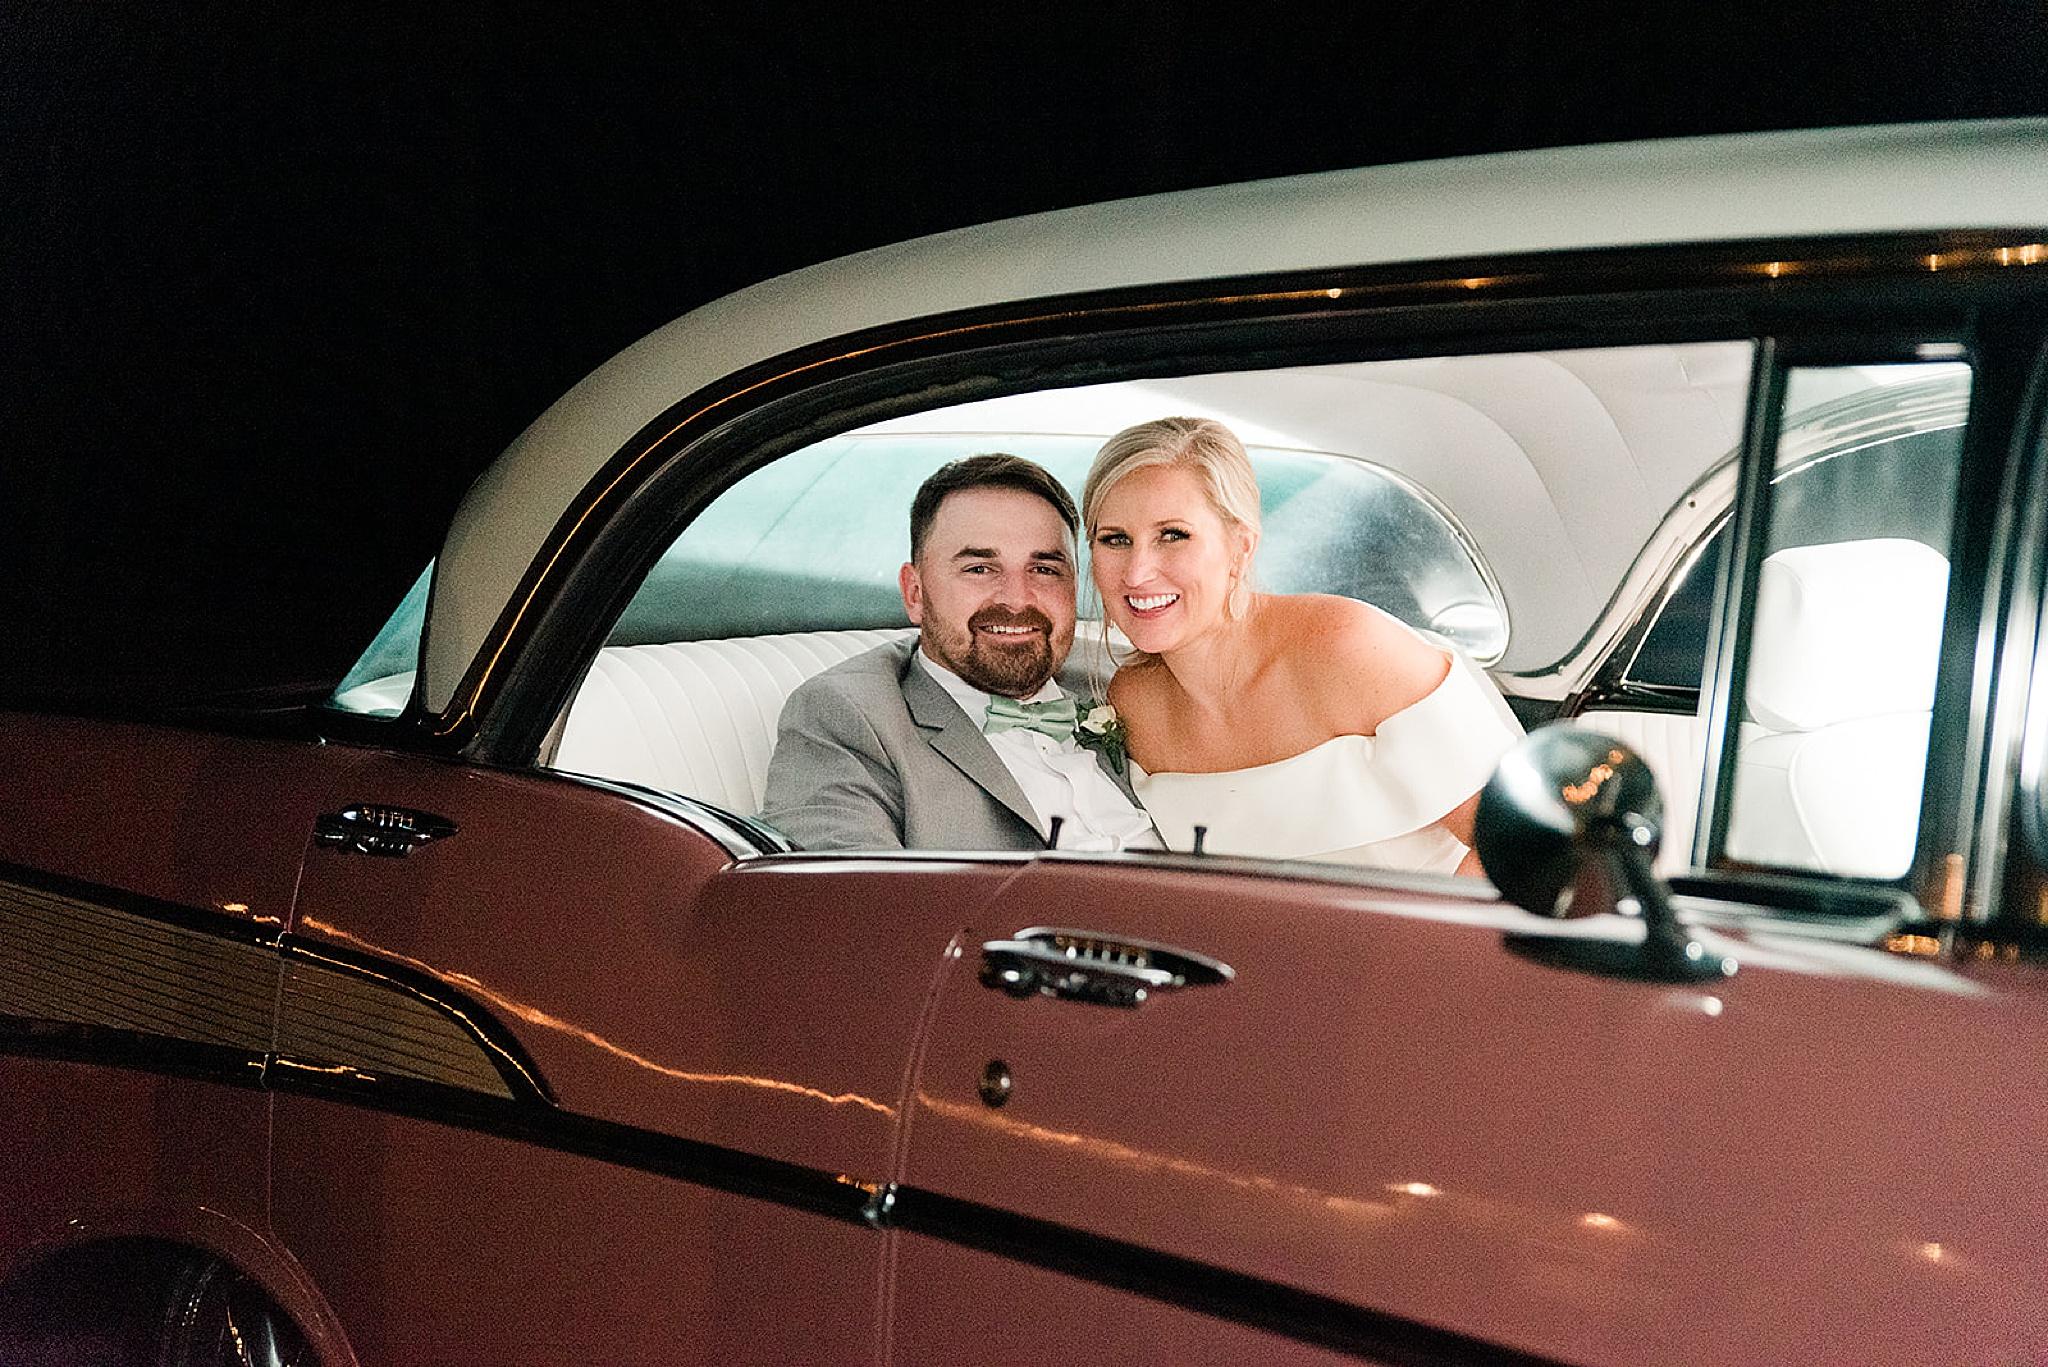 classic car getaway for Izenstone wedding day